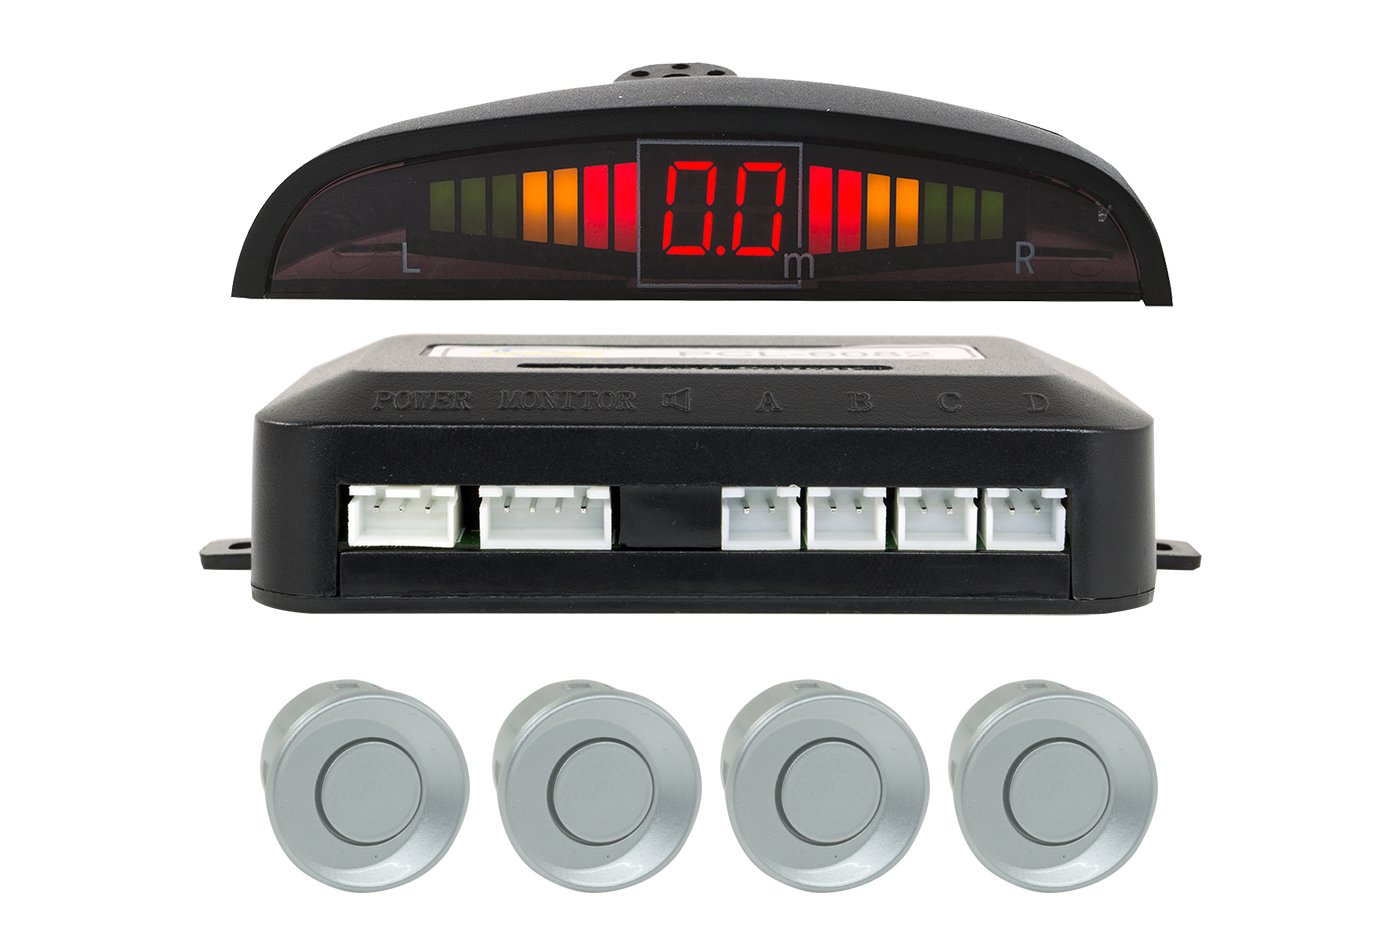 Kit 4 Sensori Di Parcheggio Per Auto Con Display Suono Led Acustico Verniciabili